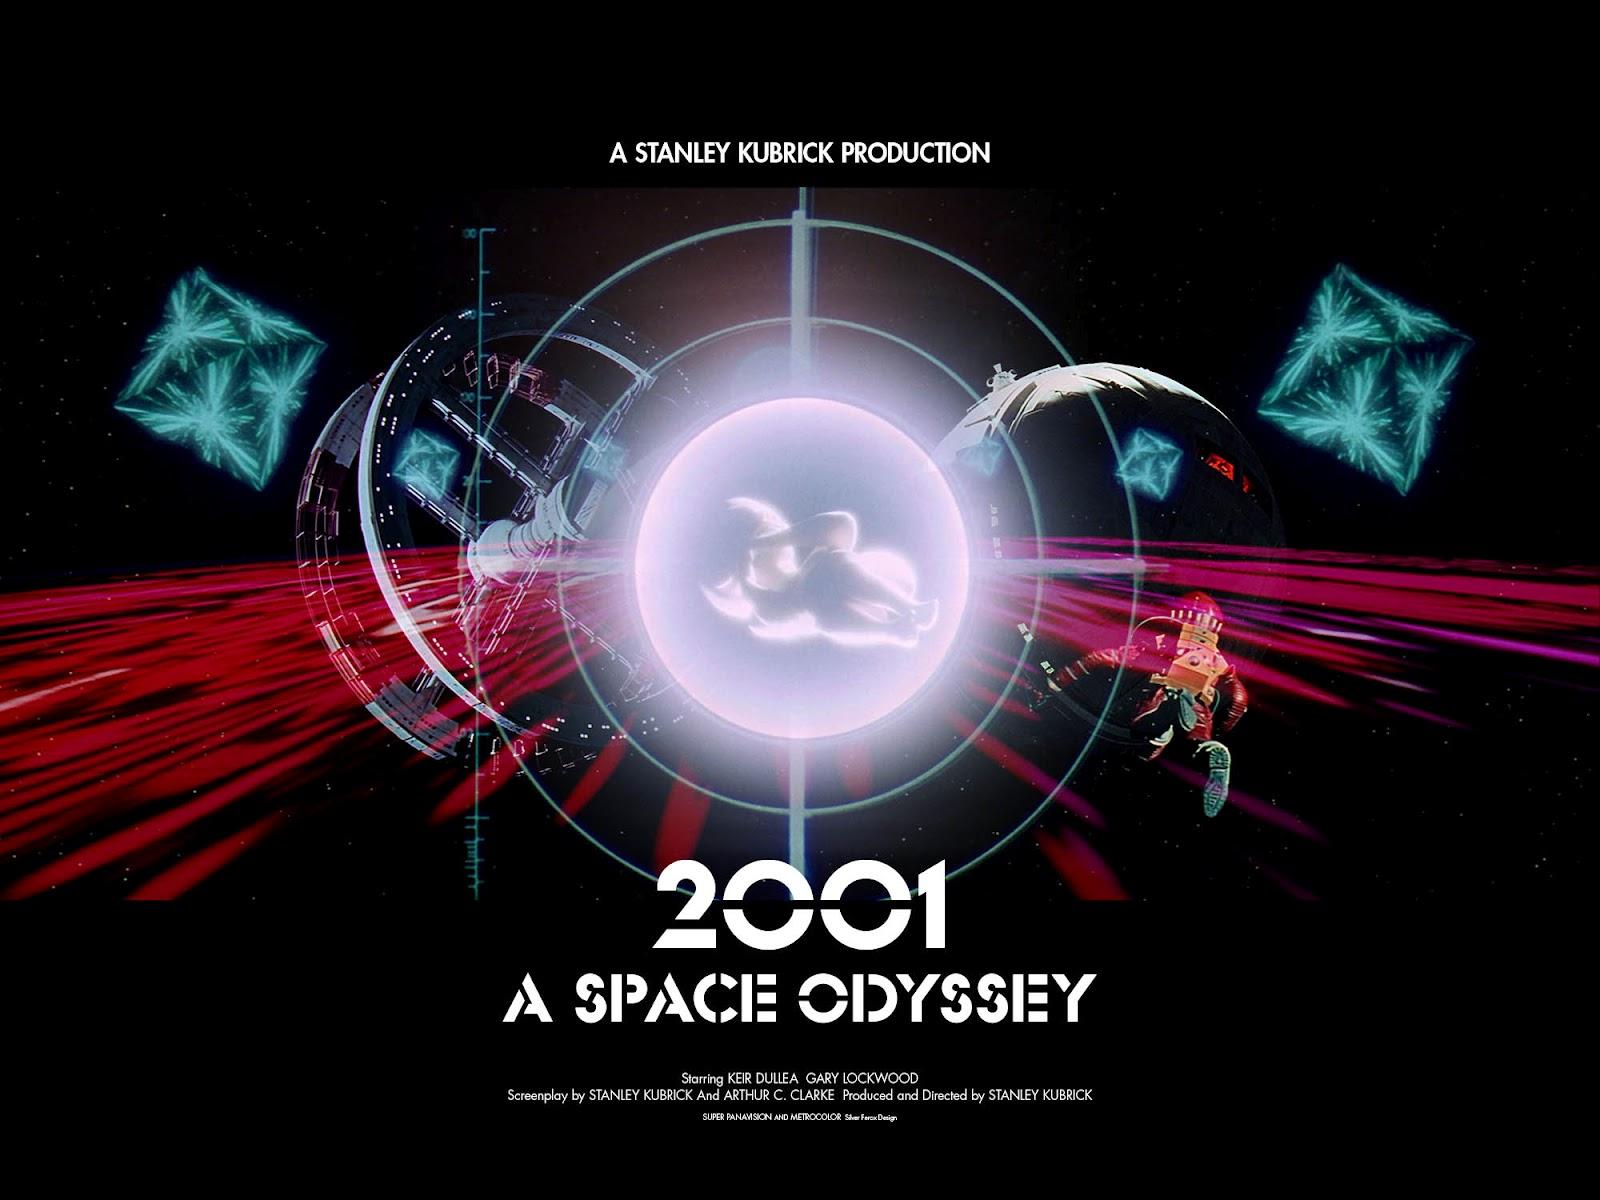 """כתב חידה קולנועי אולטימטיבי – חיים מזר על """"2001 אודיסאה בחלל"""" לרגל 50 שנה להקרנתו"""